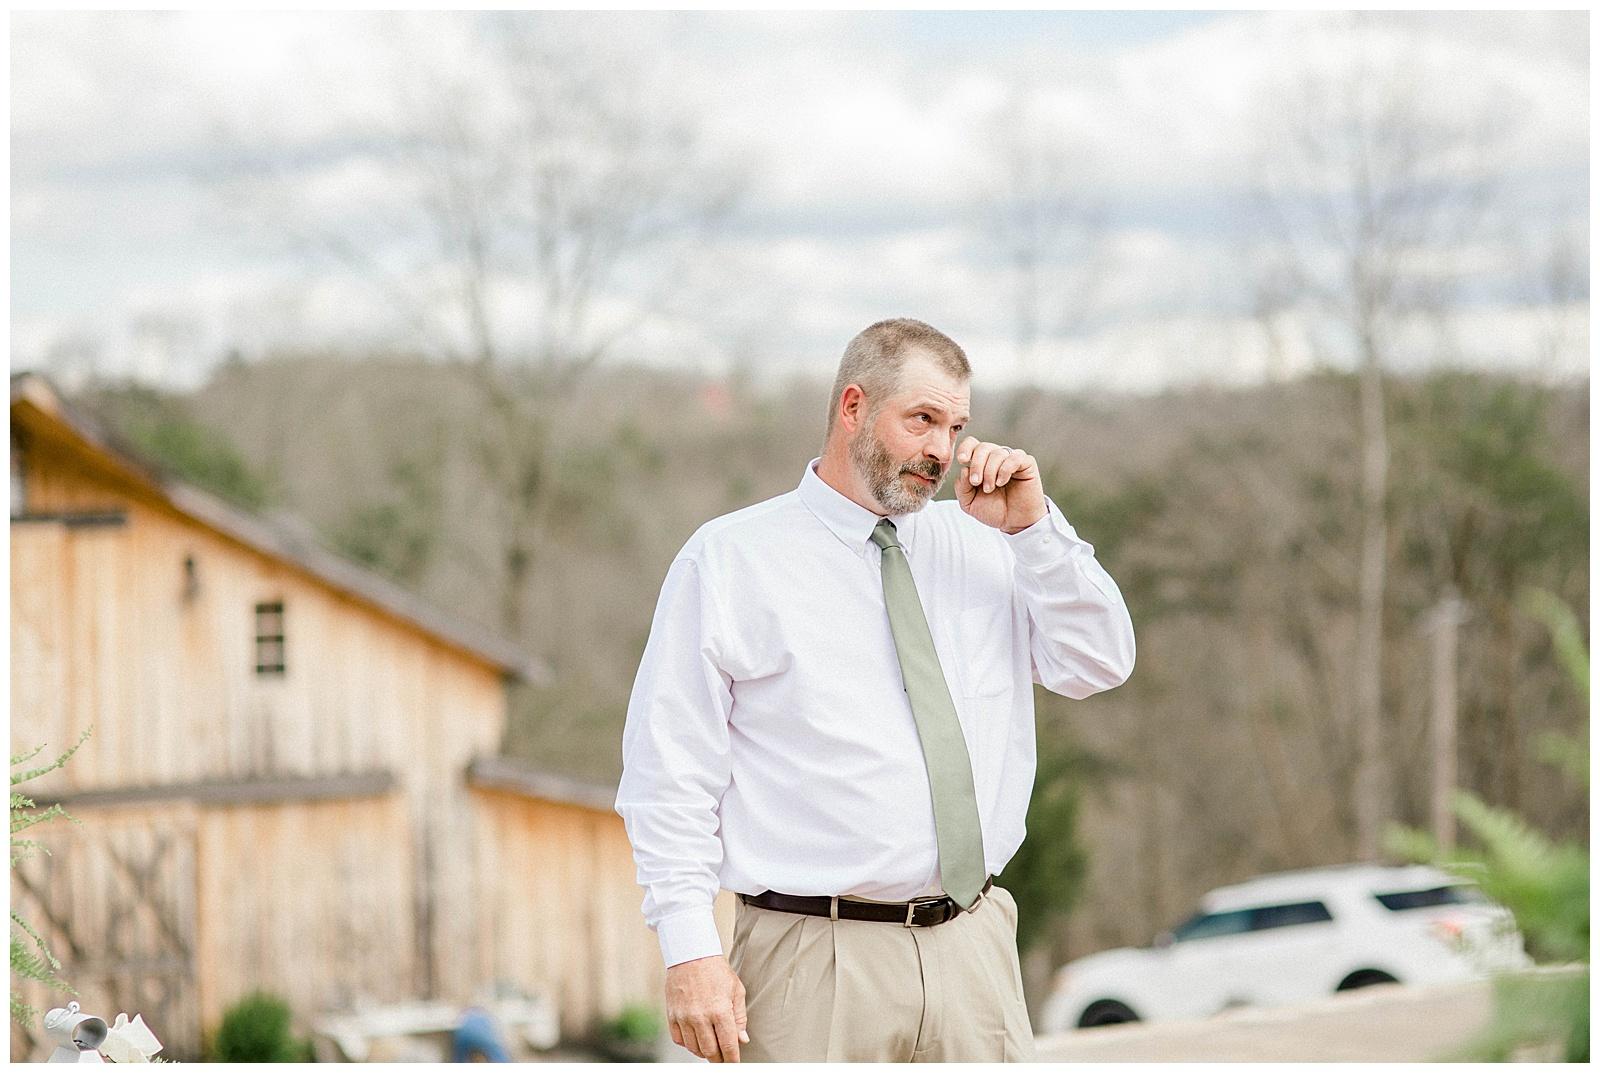 Lewis-Kara-Blakeman-Photography-Huntington-West-Virginia-Wedding-Barn-Olde-Homestead-23